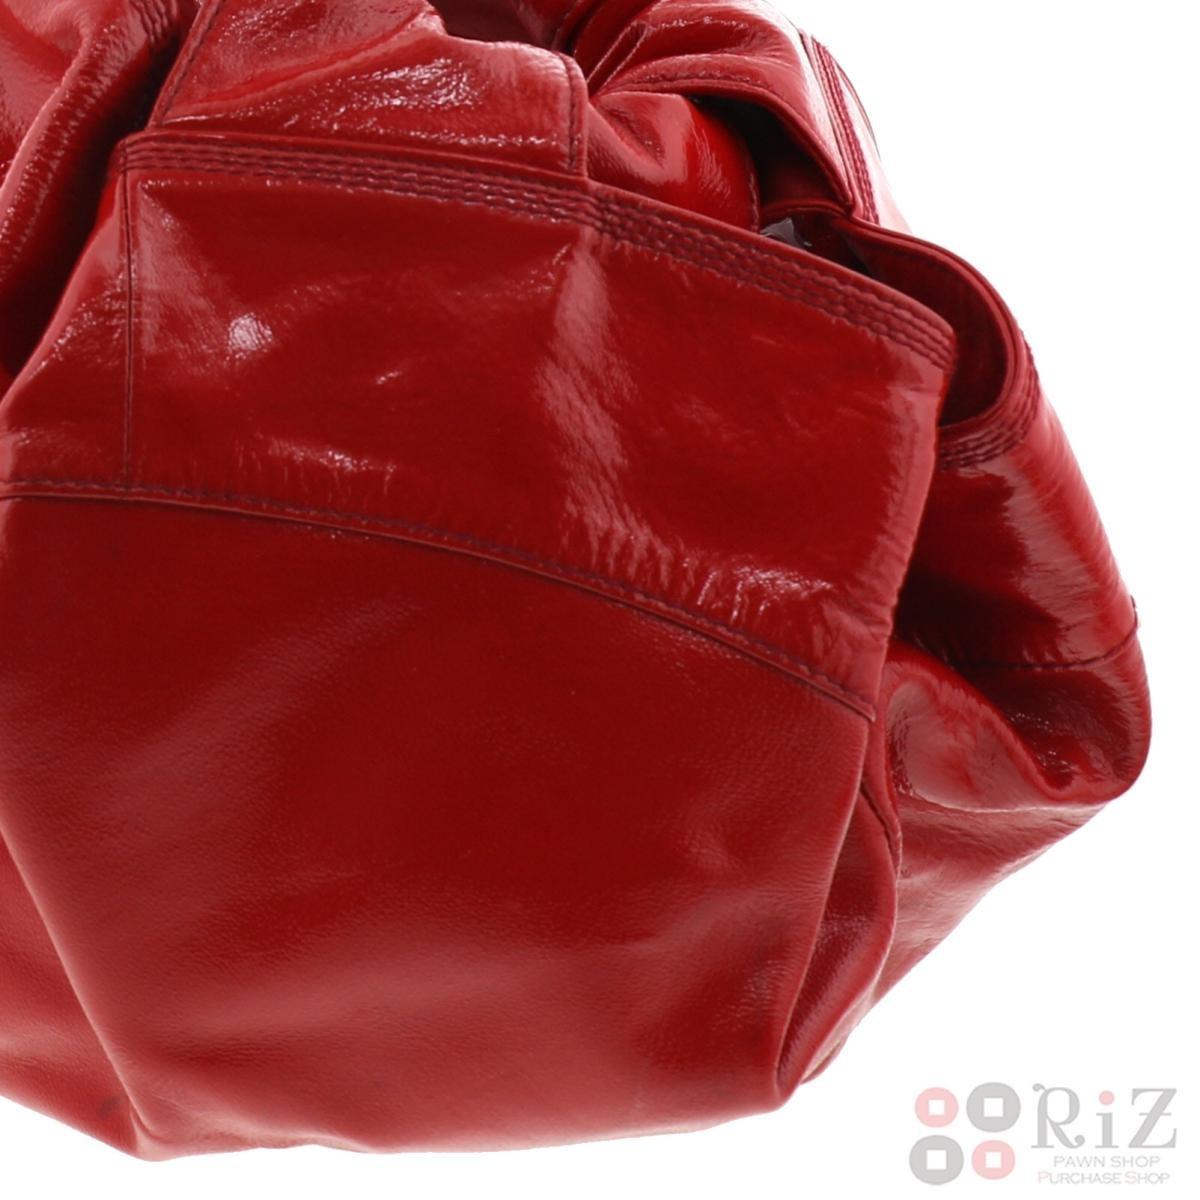 【中古】LOEWE (ロエベ) ナッパ アイレ バッグ ハンドバッグ  Red/レッド 060806 used:B